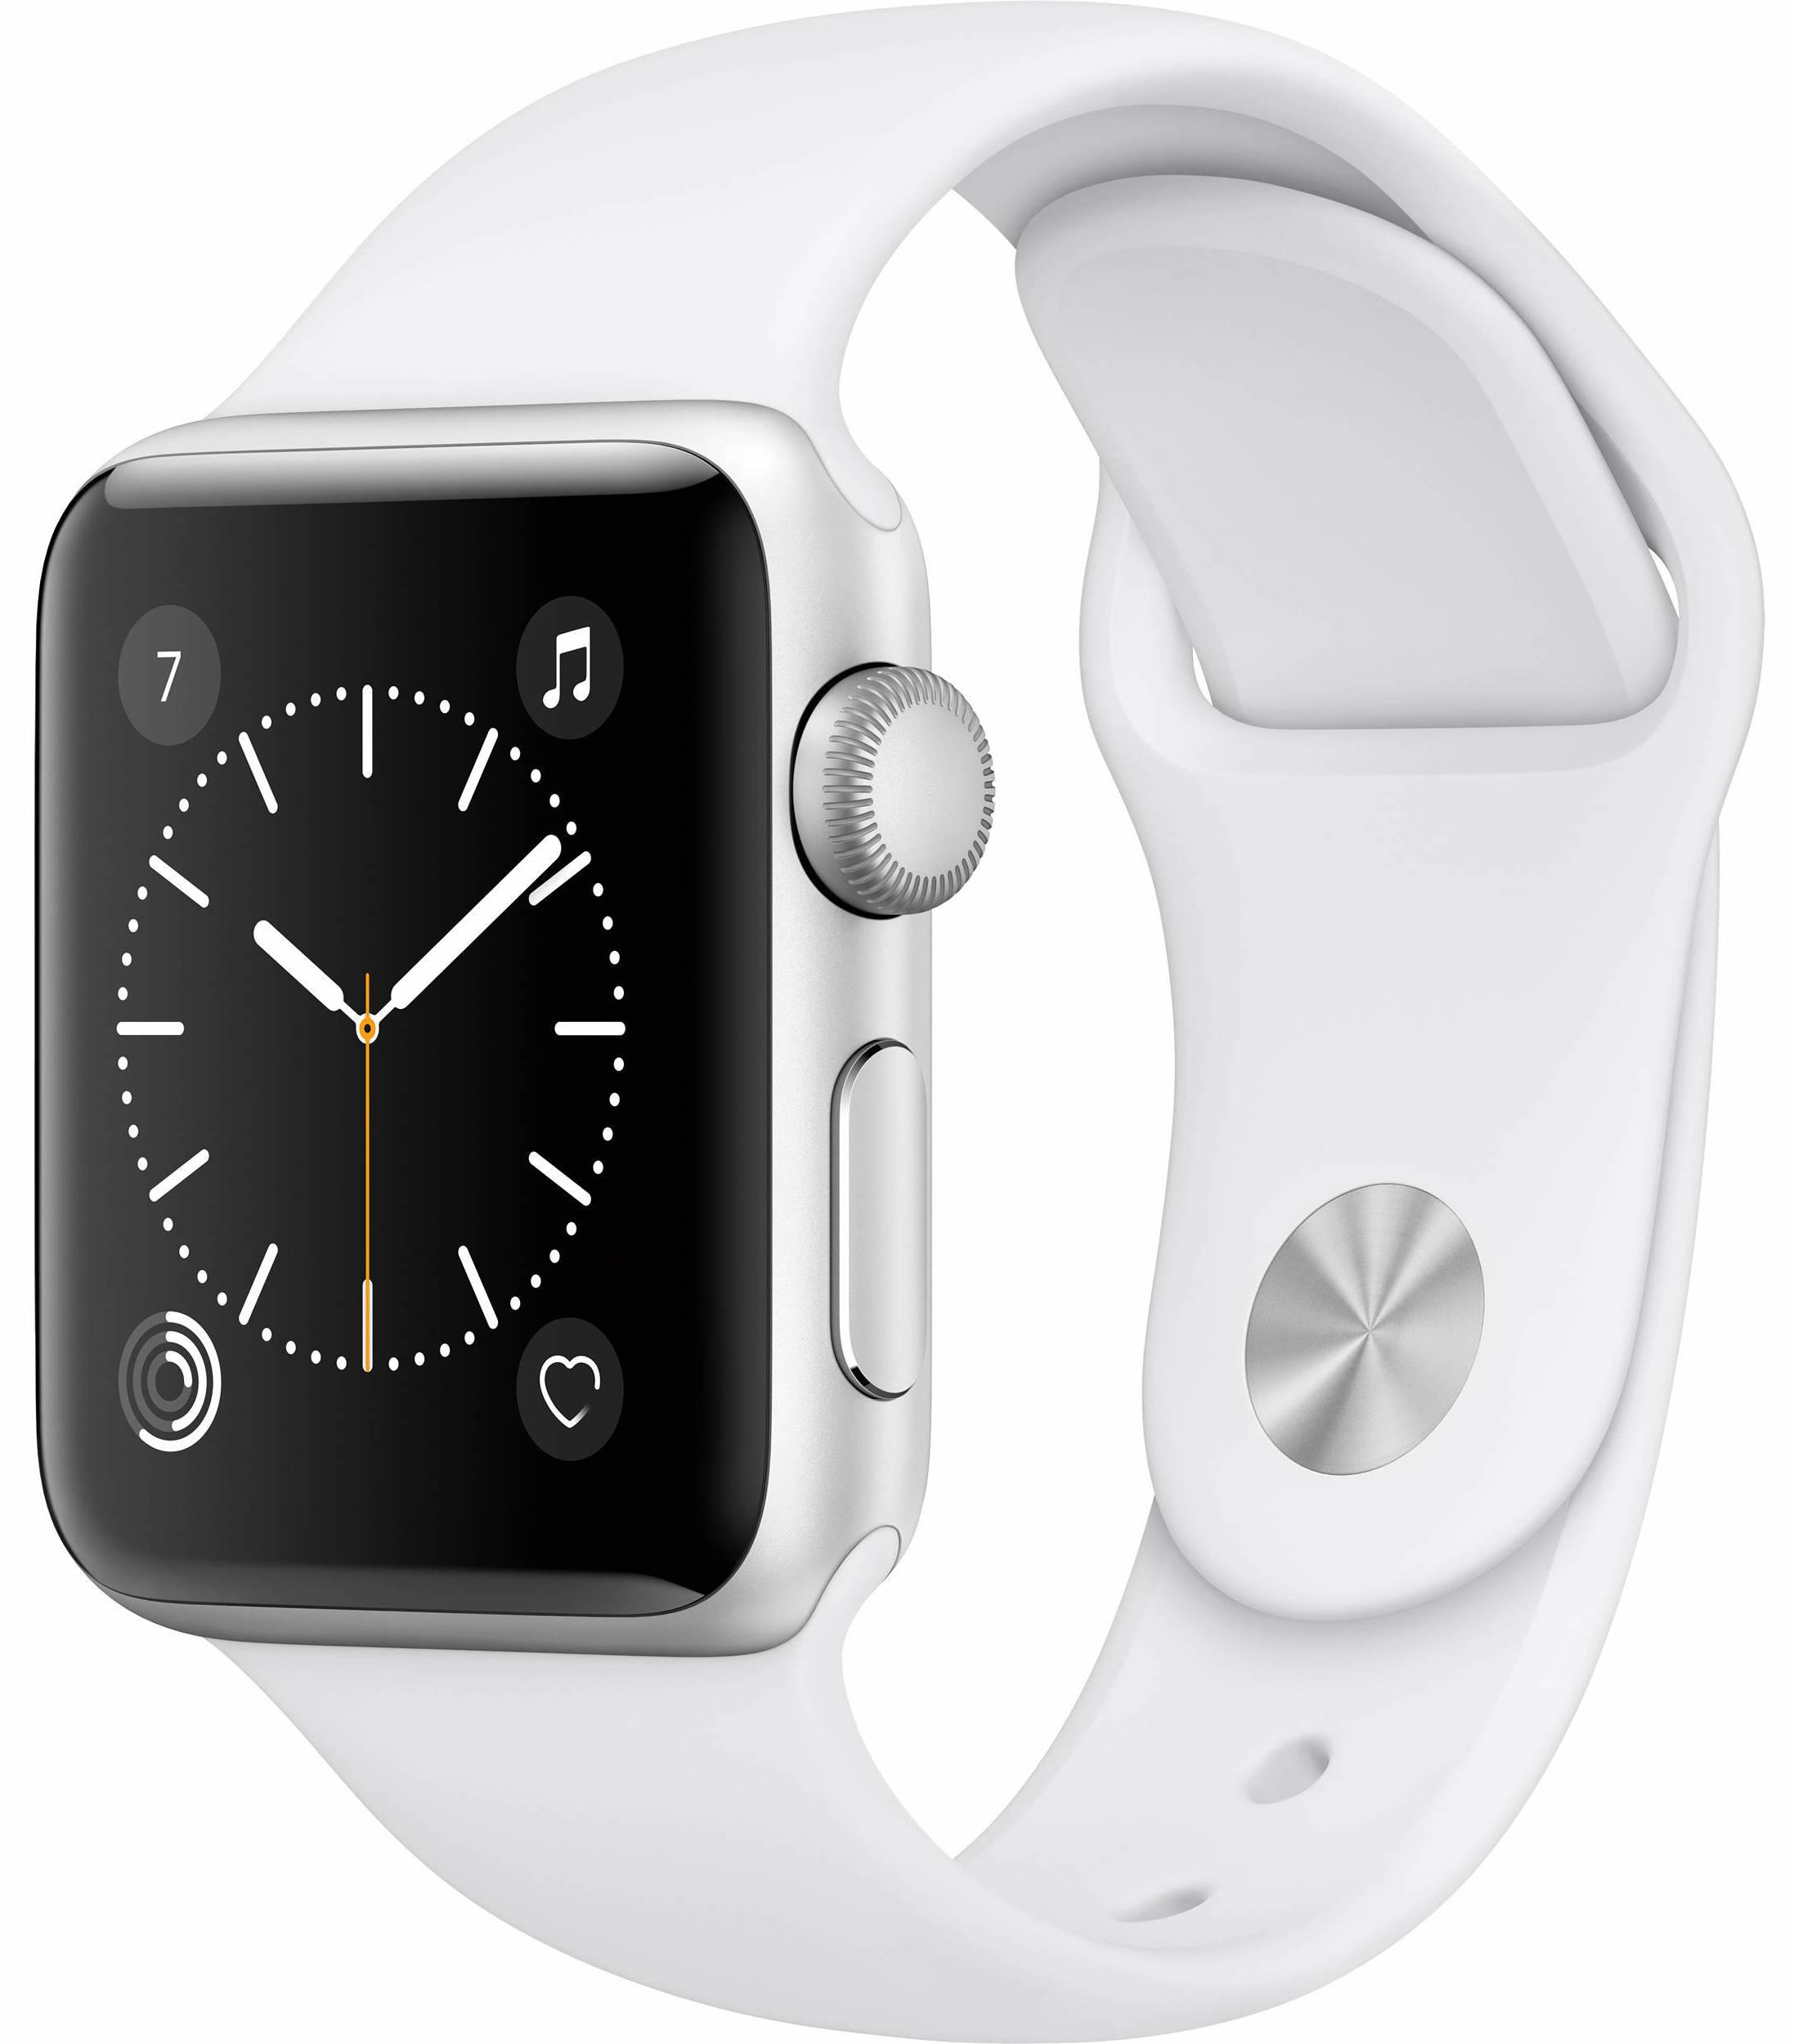 Offerta Apple Watch 2 Sport 38mm su TrovaUsati.it